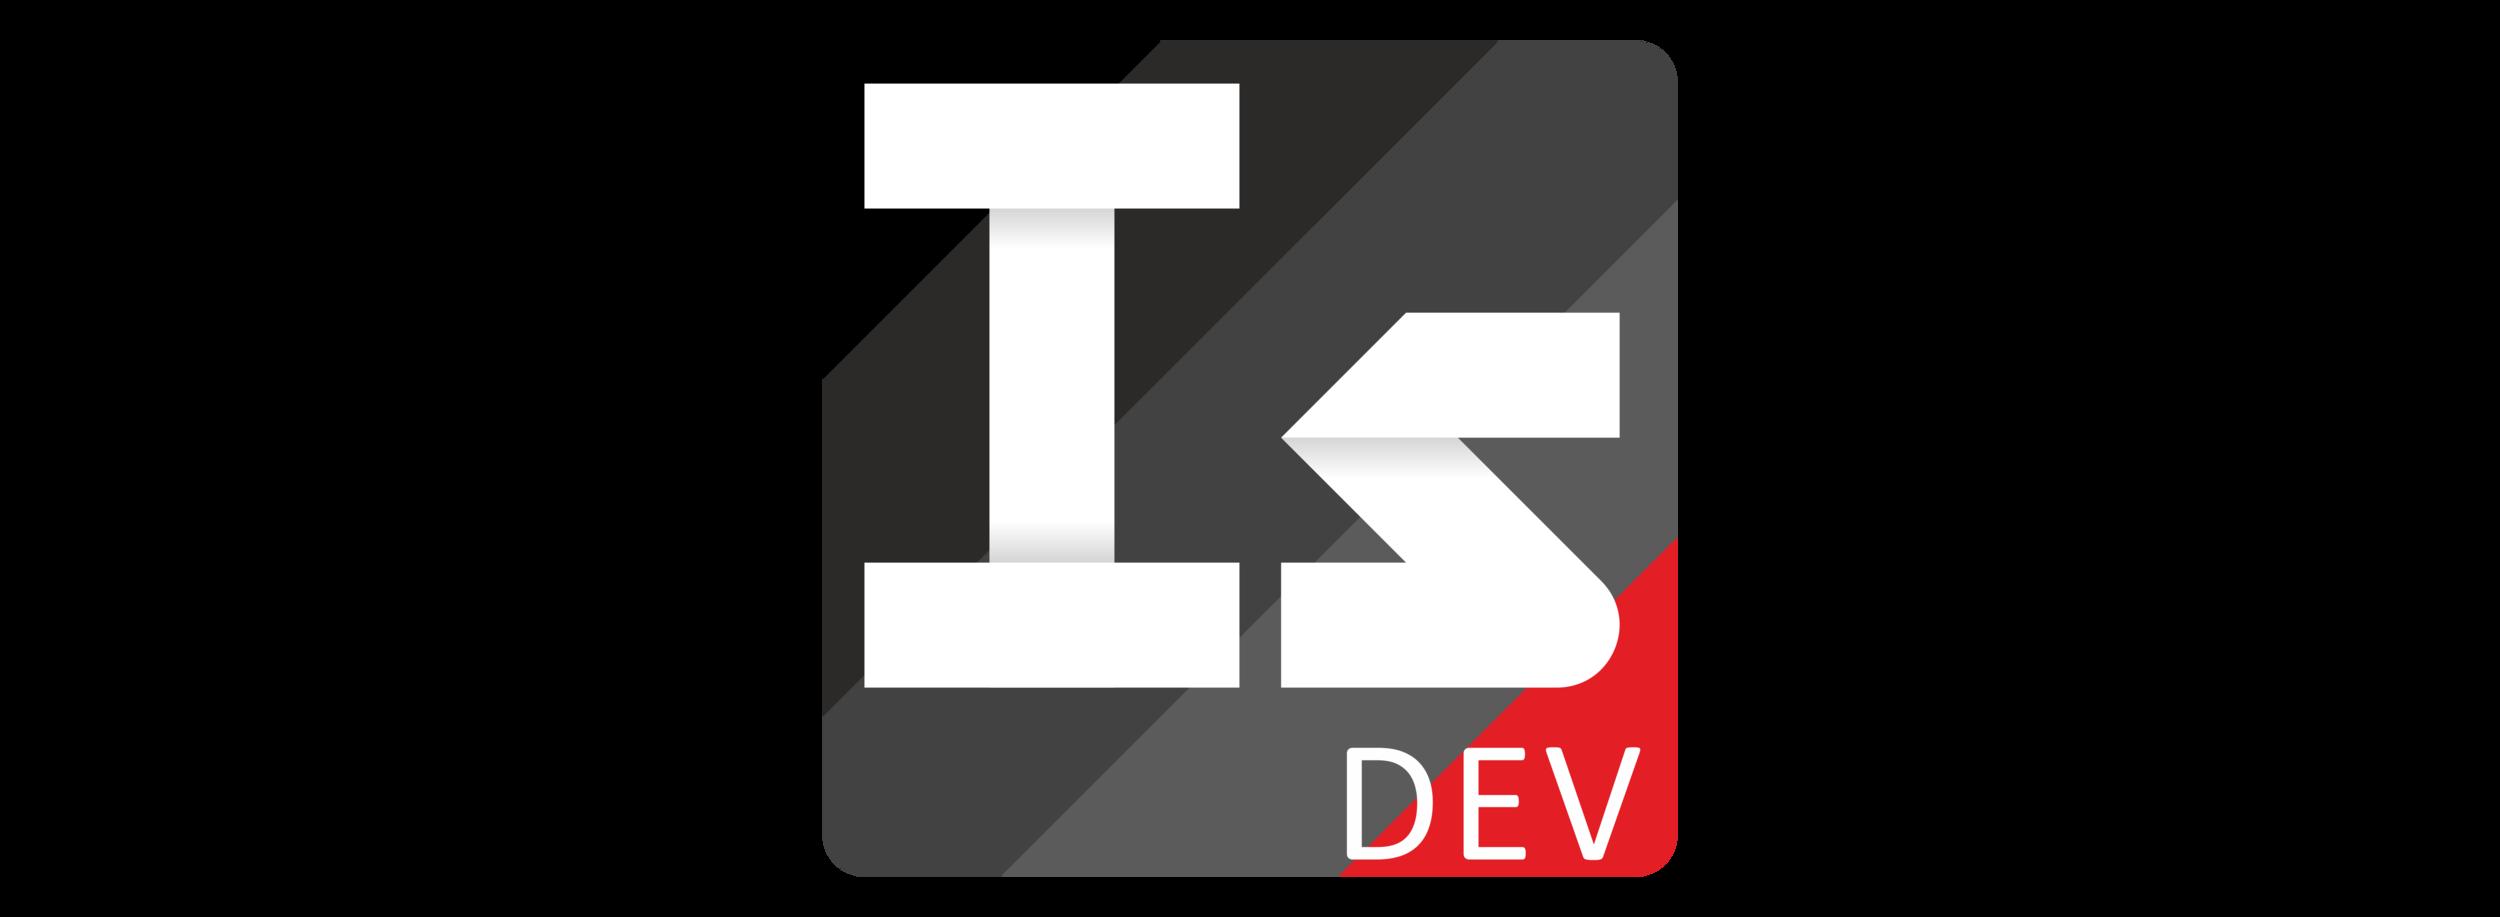 imagingserver_wide_logo.png